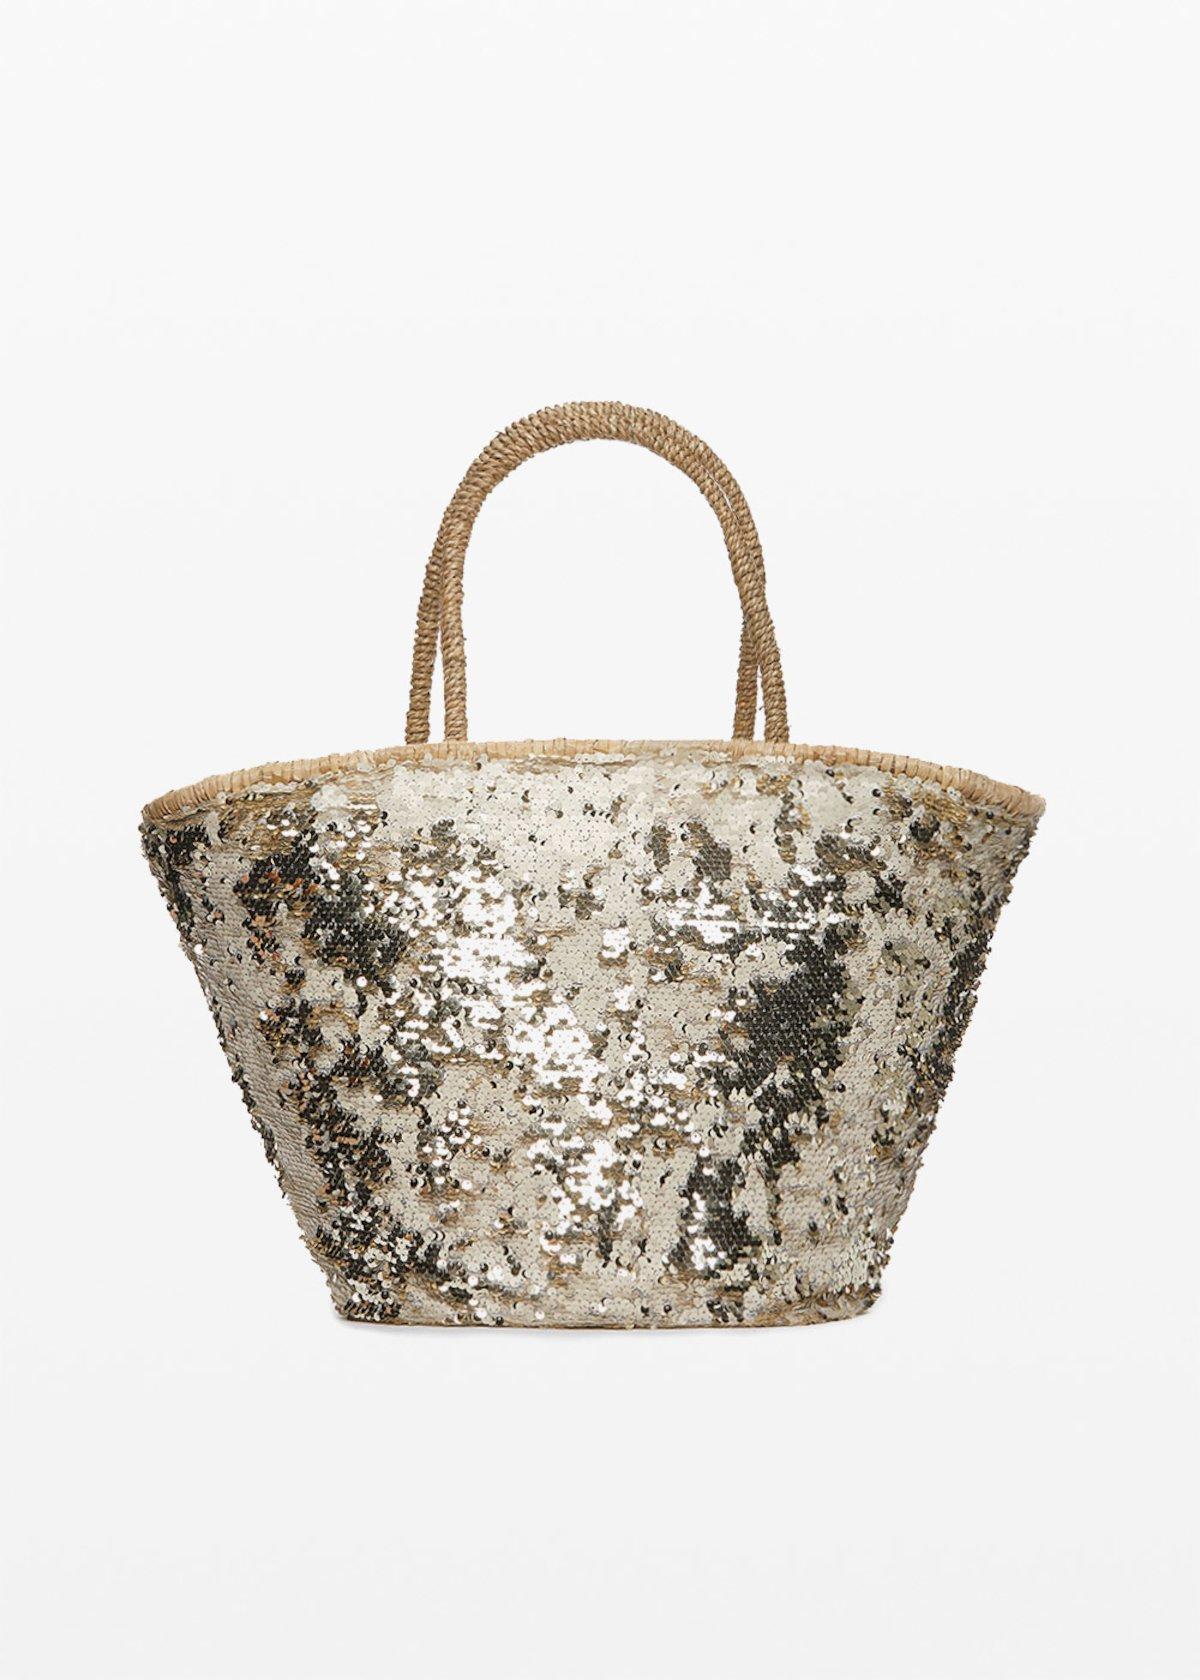 Borsa in paglia Muddy dal decoro paillettes - Light Beige - Donna - Immagine categoria